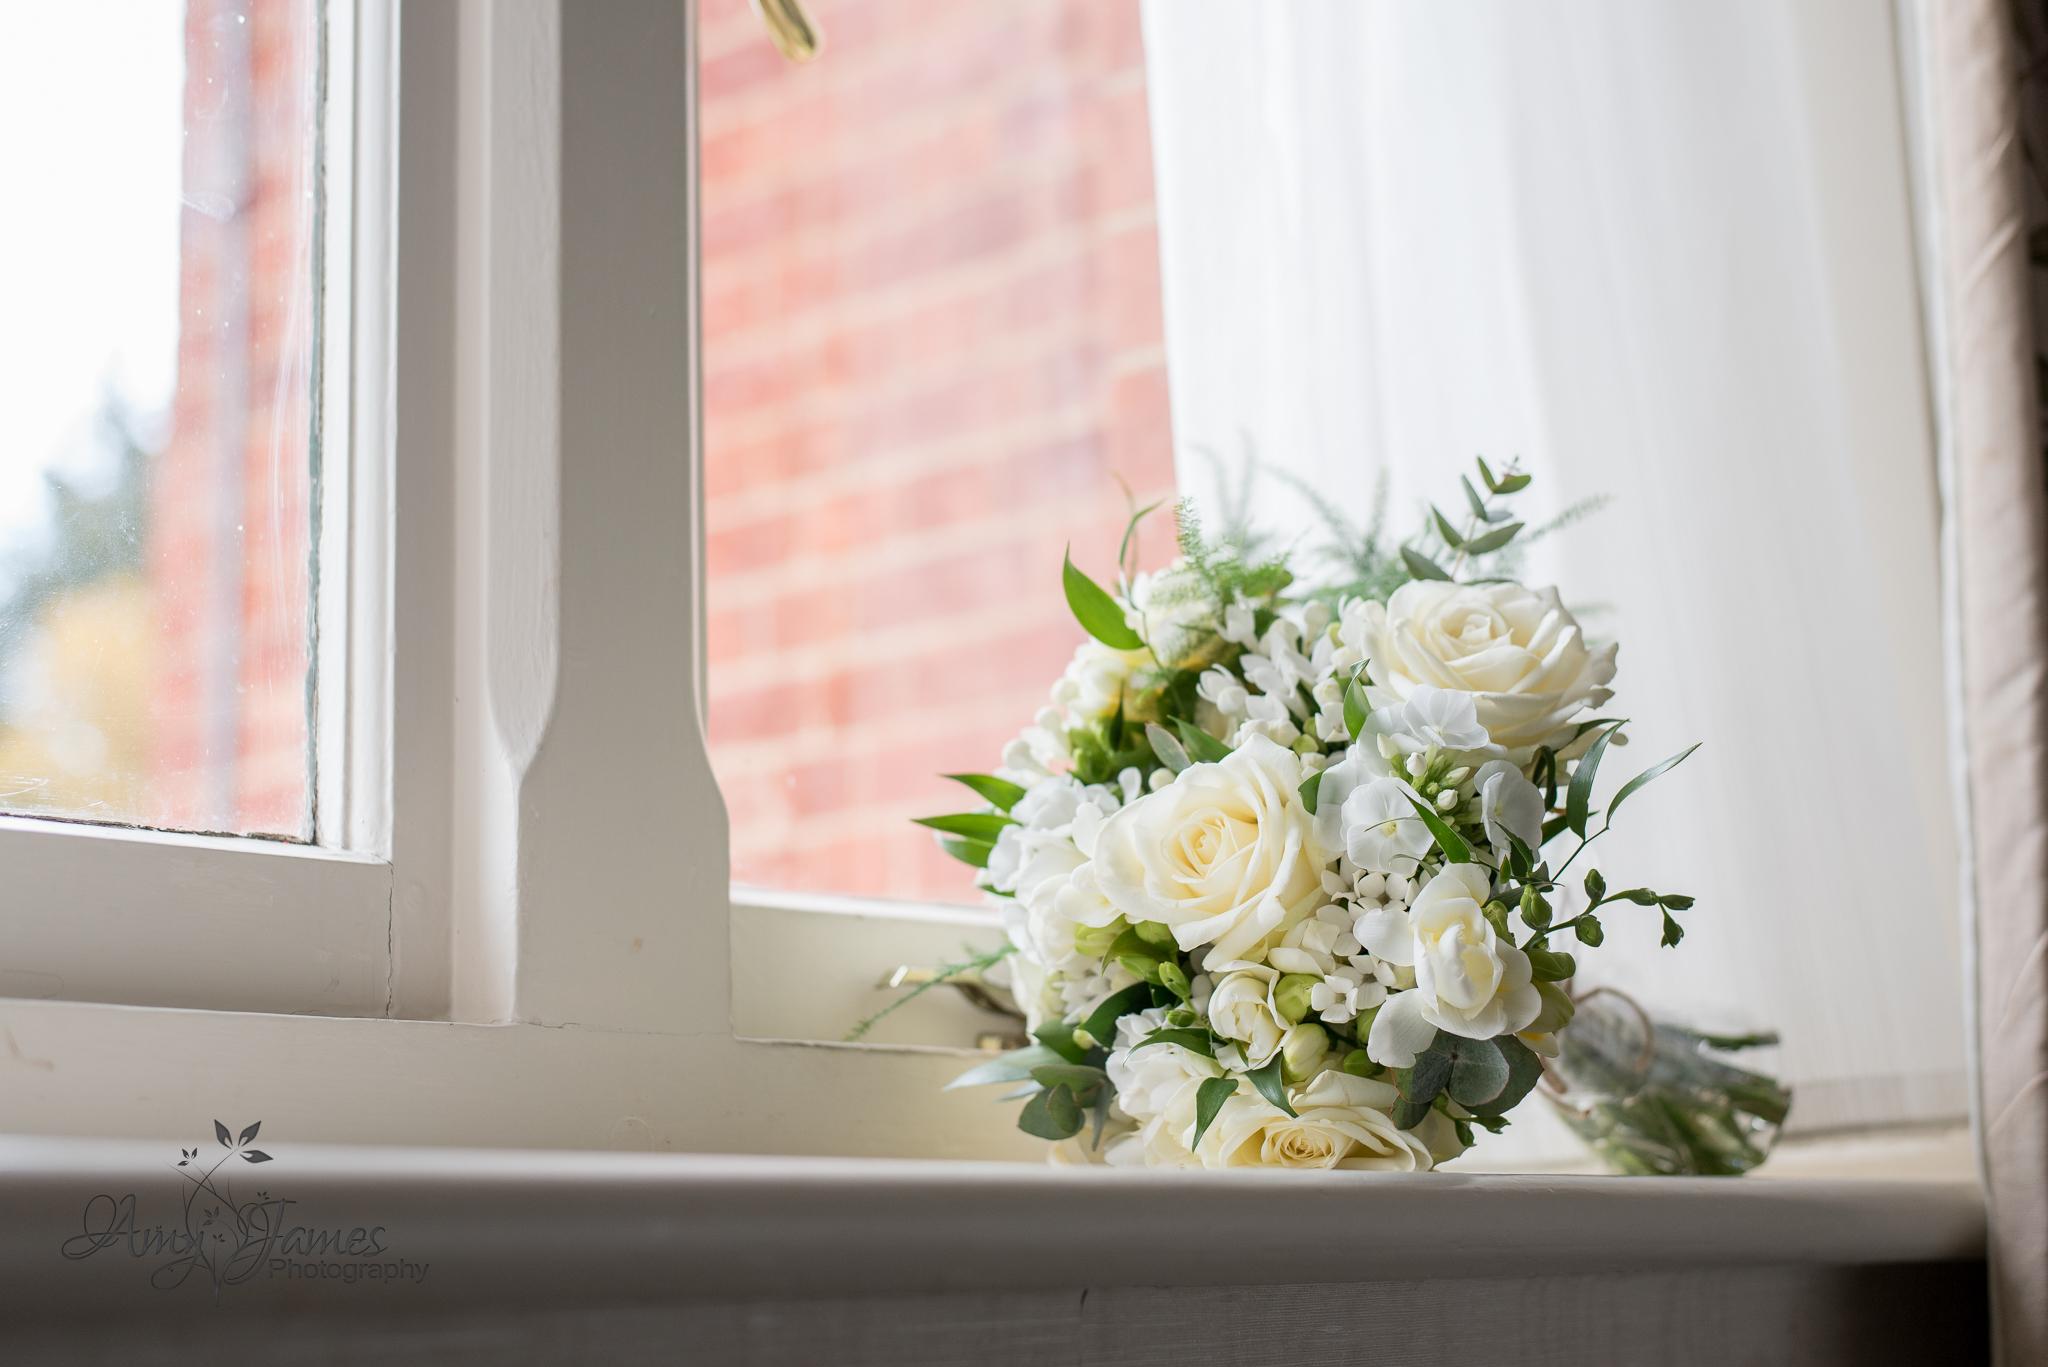 Amy James photography // Wedding photographer Hampshire // Basingstoke Wedding // Audleys Wood hotel wedding // Hampshire Wedding Venues